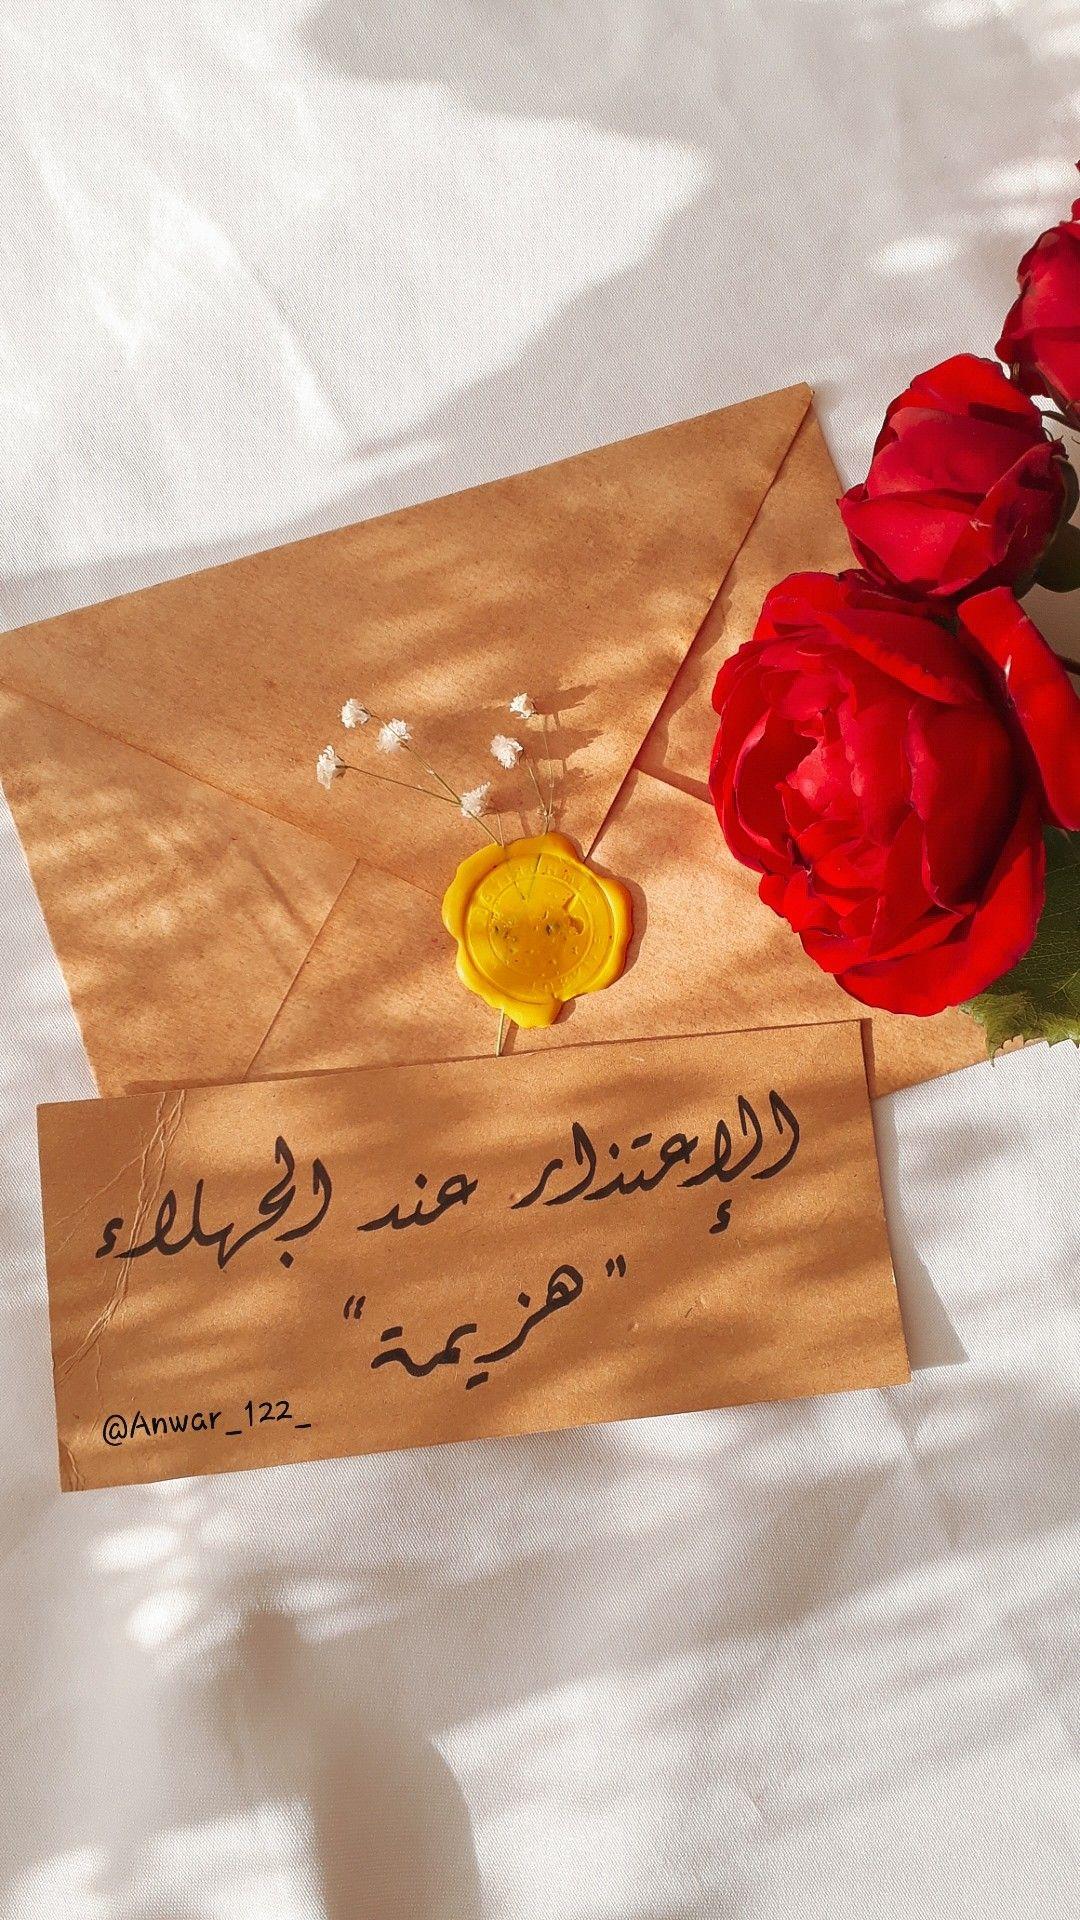 الإعتذار عند الجهلاء هزيمة اعتذار هزيمة ثقافة جهل جهلاء Positive Quotes Arabic Love Quotes Love Quotes